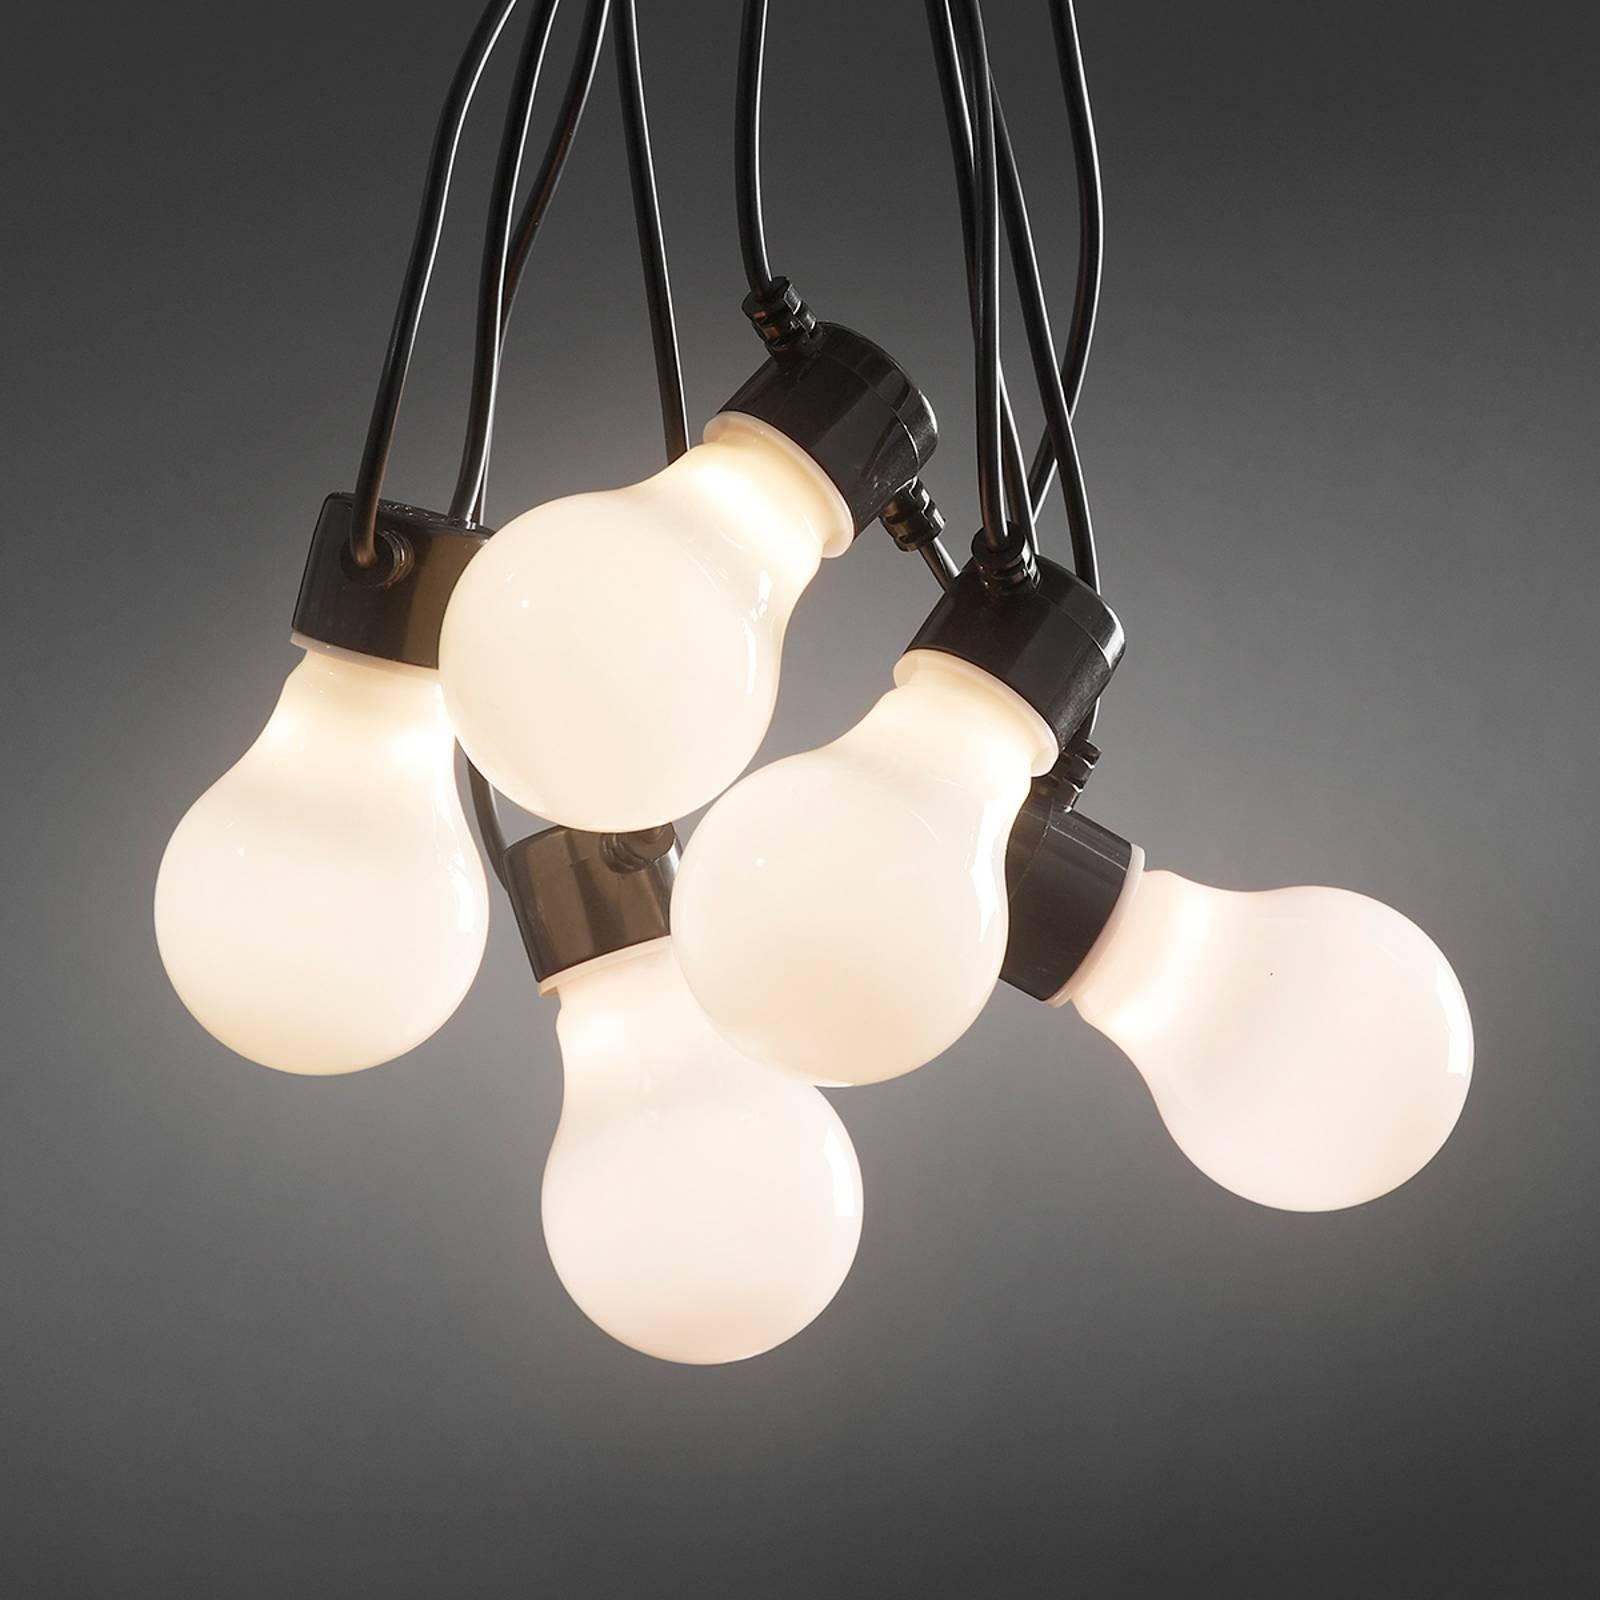 Opaali LED-lamppujen valoketju ulos 10-lamppuinen